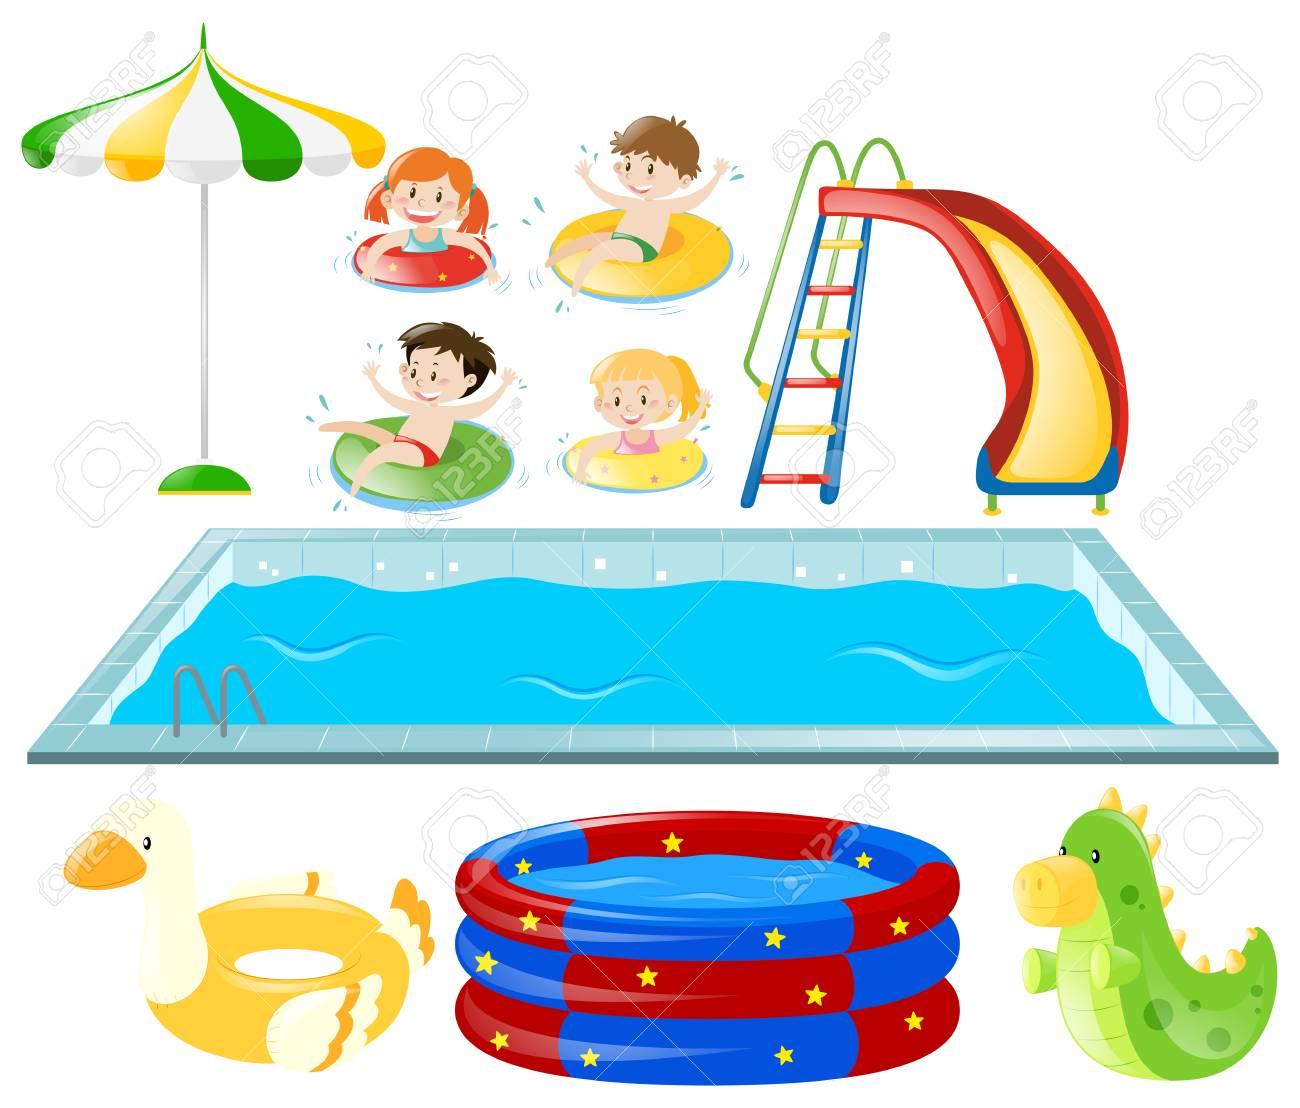 スイミング プール子供の水泳のイラスト入りのイラスト素材ベクタ